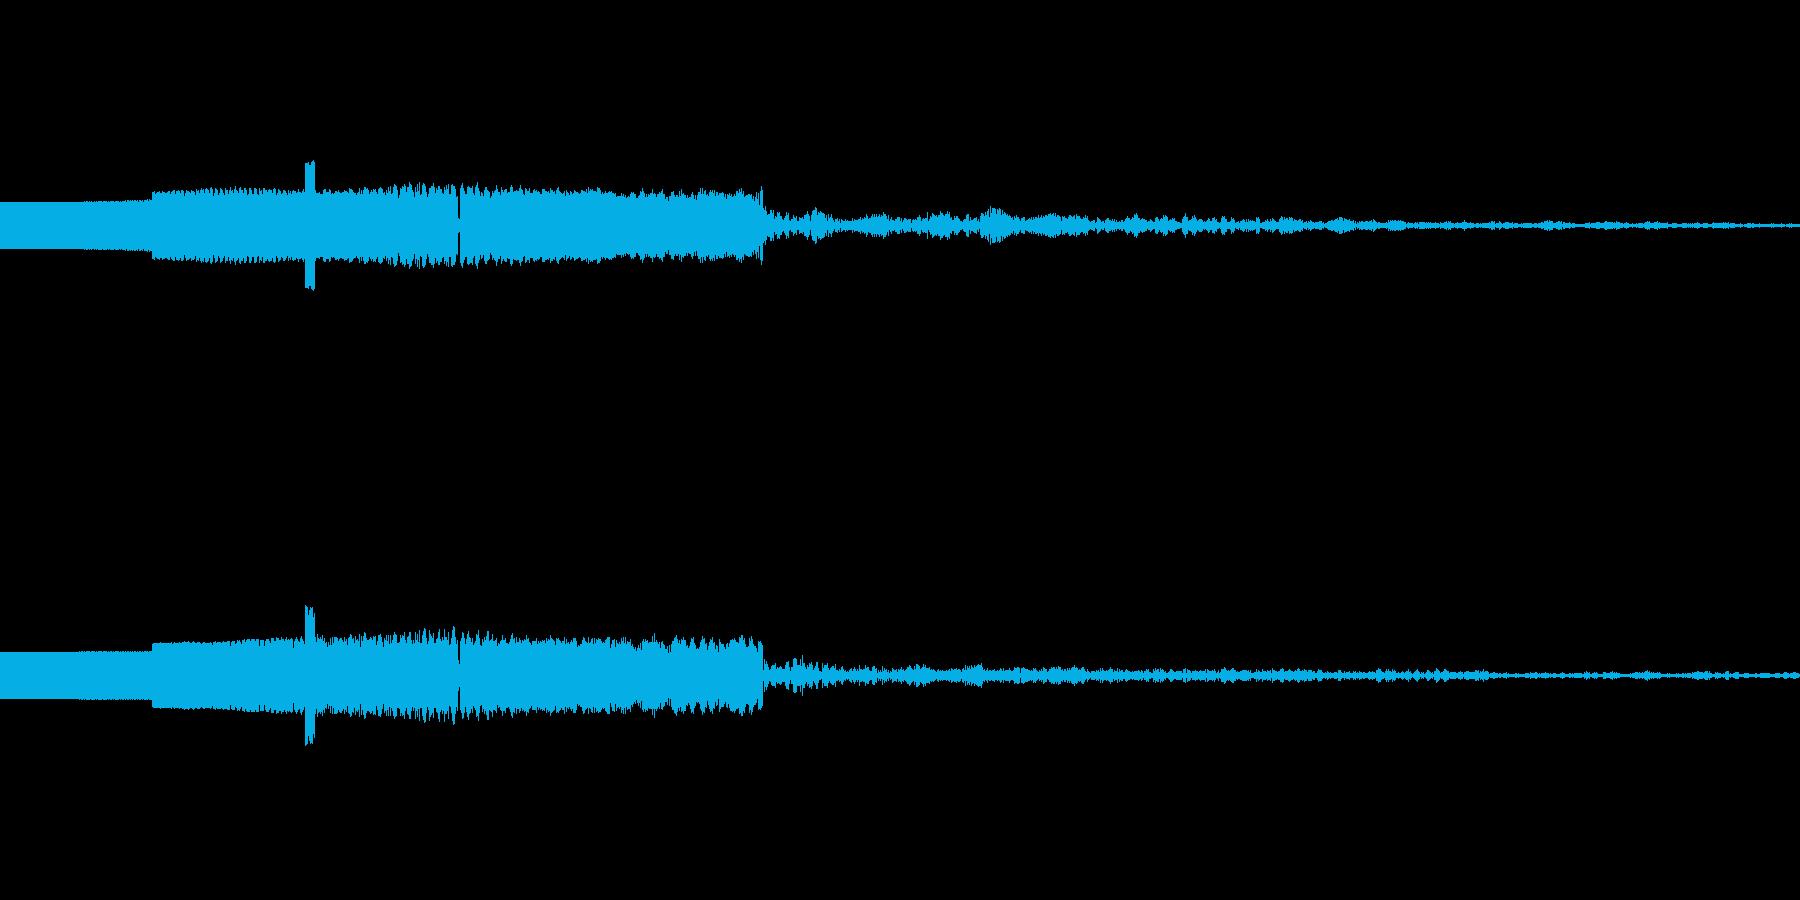 ファミコン風起動音04の再生済みの波形